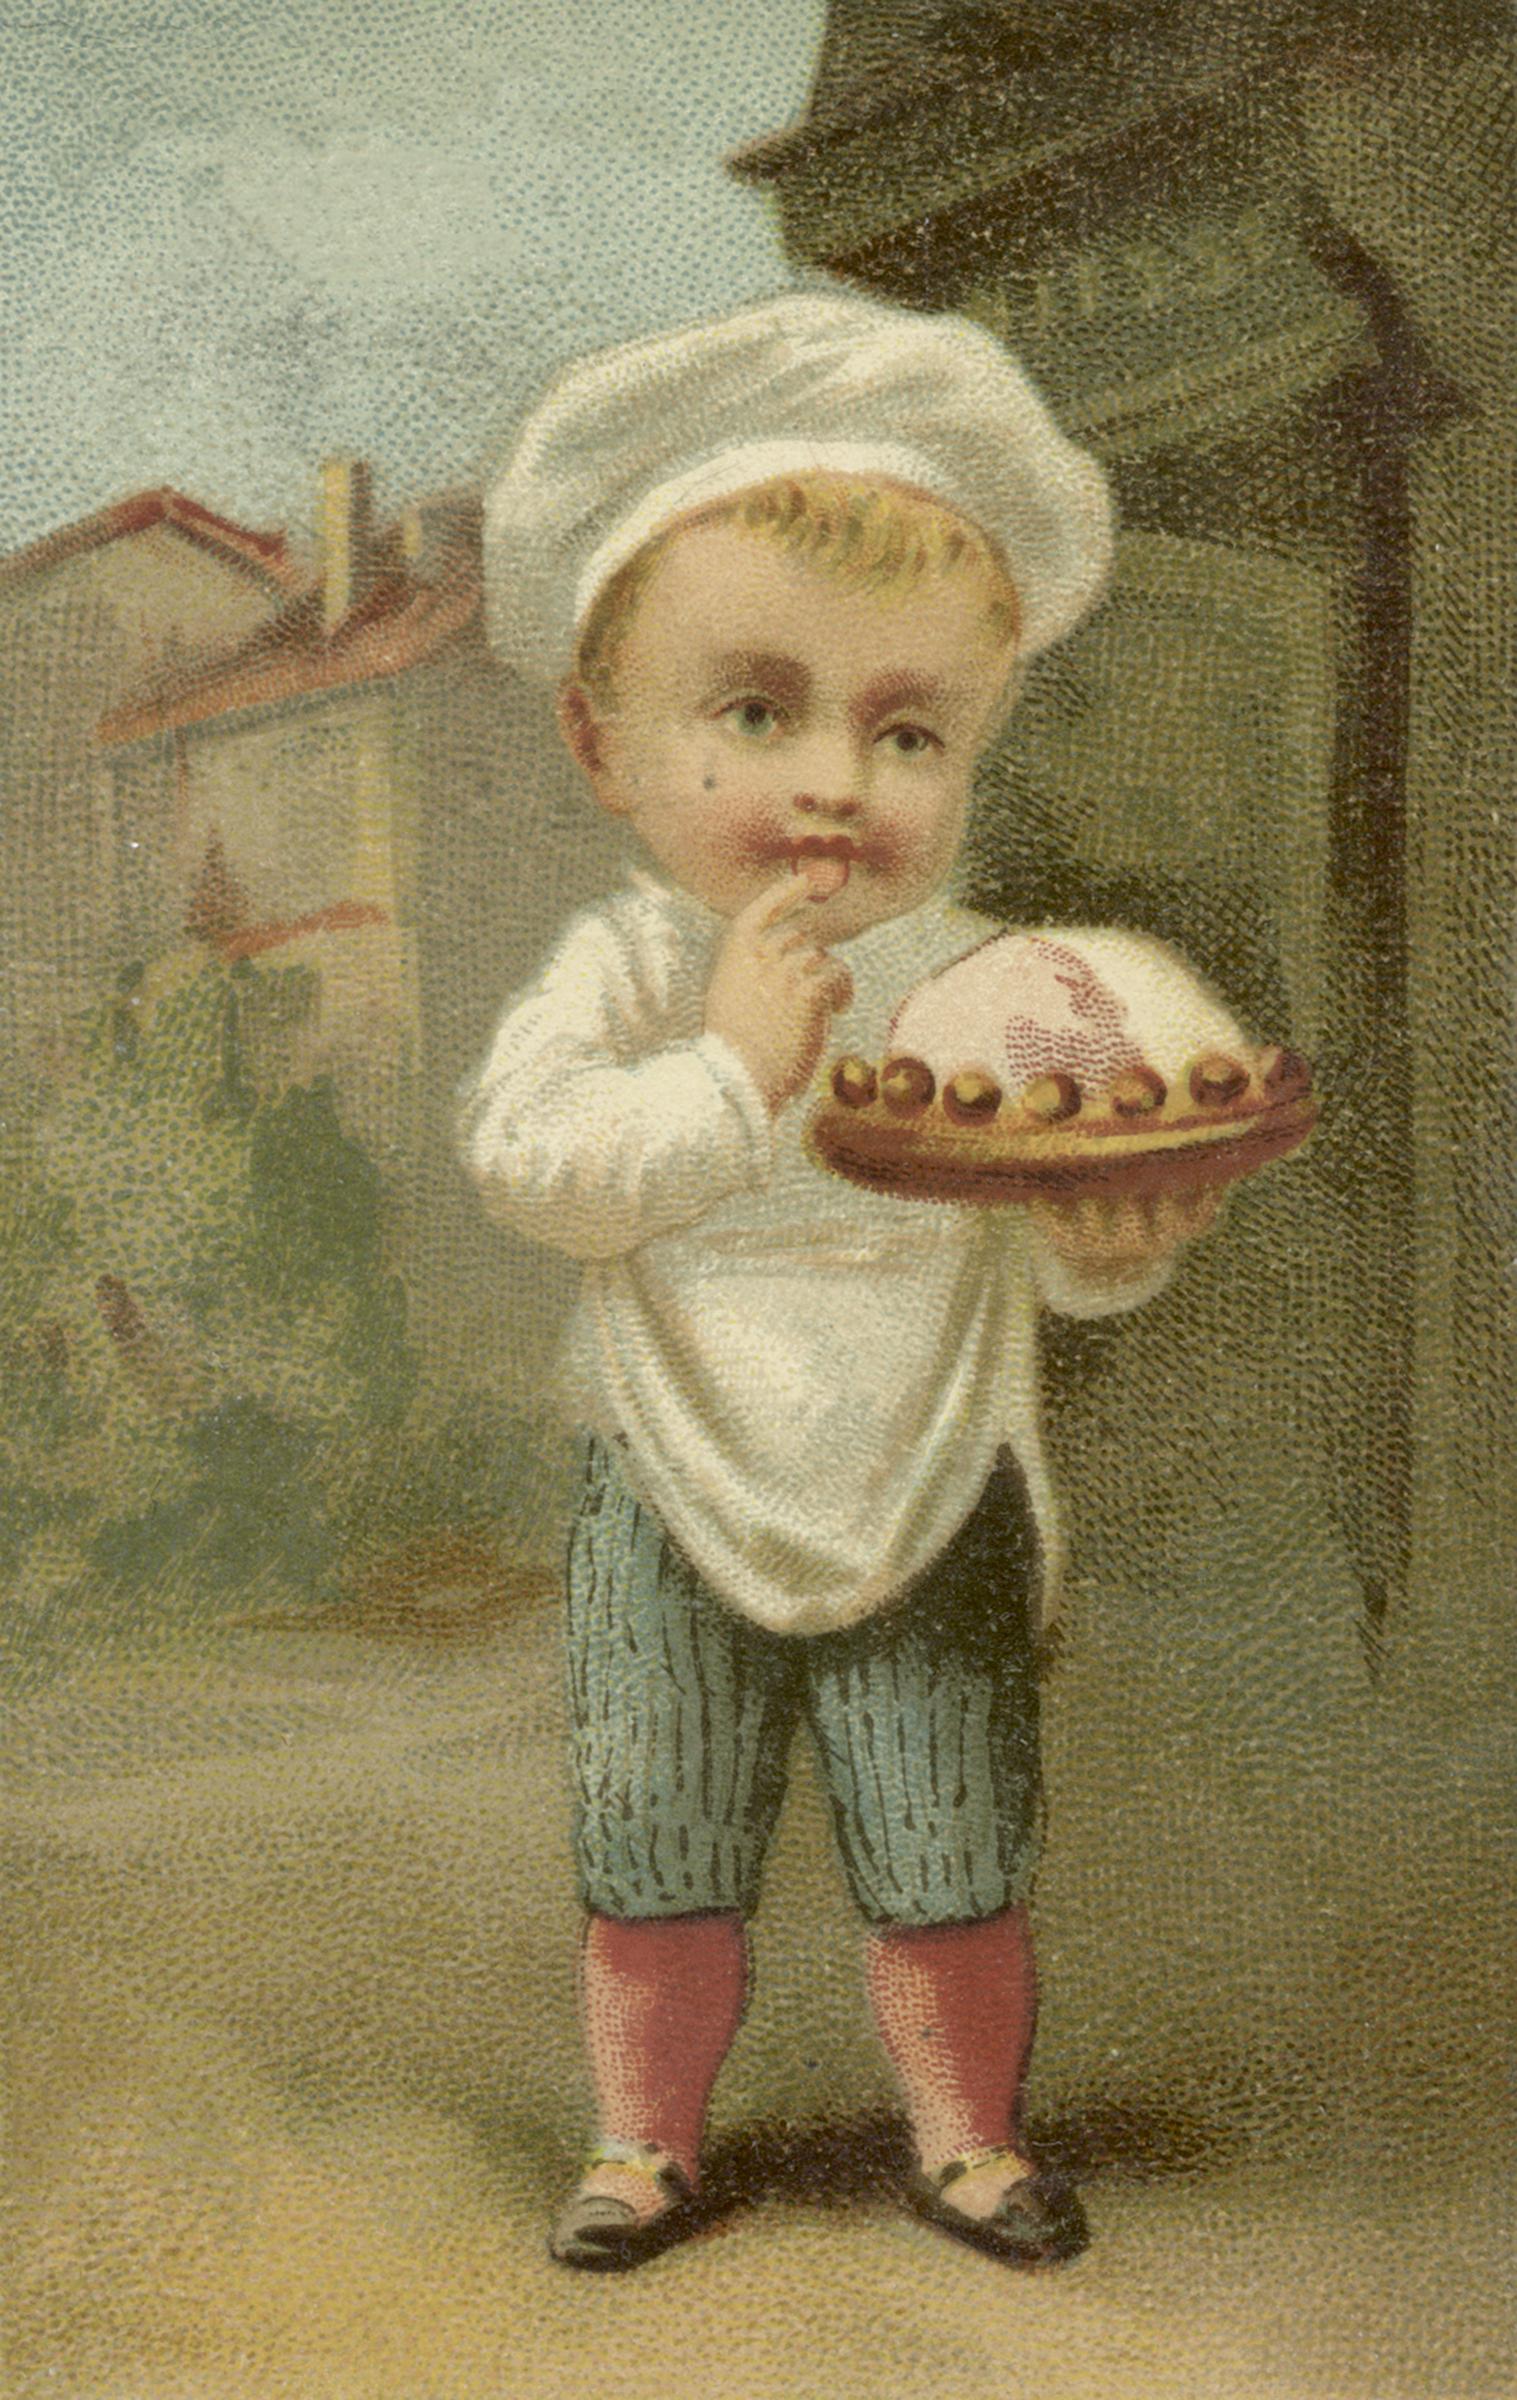 Adorable Vintage Boy Image